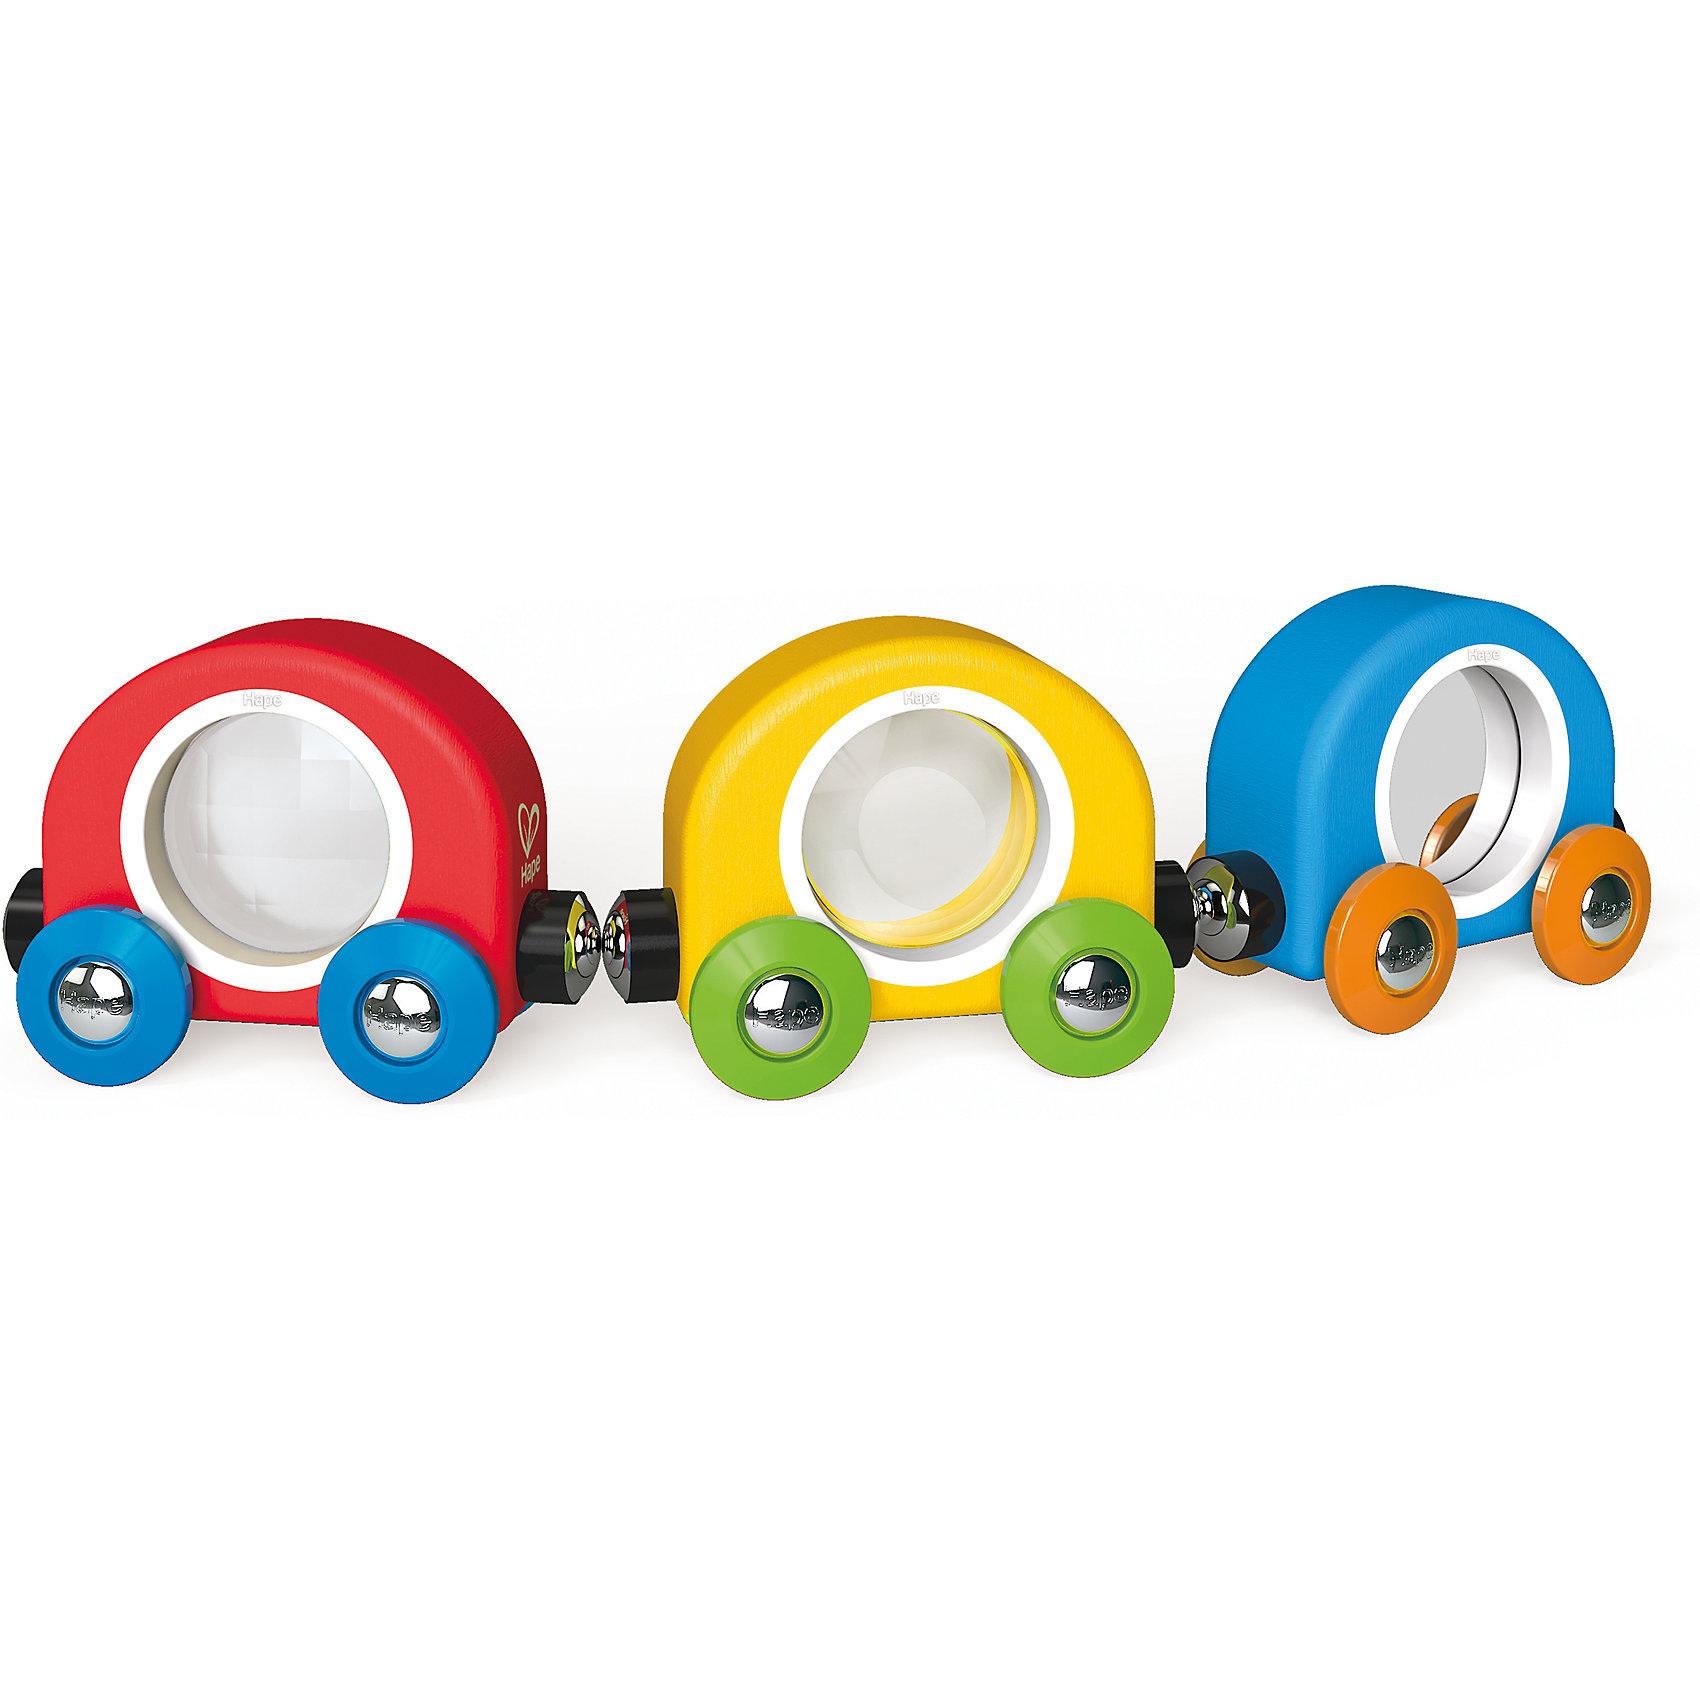 Развивающий набор Поезд, HapeРазвивающие игрушки<br>Развивающий набор Поезд, Hape (Хейп).<br><br>Характеристики:<br><br>- Возраст: 18 мес+<br>- Материал: древесина, пластик<br>- Размер игрушки: 21,9х3,3х5 см.<br><br>Развивающий набор Поезд является отличным подарком, как для девочек, так и для мальчиков. Он изготовлен из экологически чистых пород дерева и имеет прекрасную полировку. Набор состоит из трех вагончиков с зеркалом, линзой и призмой, которые крепятся друг к другу магнитными элементами, расположенными в передней и задней частях, что позволяет легко и быстро отсоединять их, и комбинировать в ходе игры. Вагон с зеркалом будет отражать объекты, которые проезжает поезд, вагон с увеличительной линзой сделает их больше, а вагон с призмой будет преломлять изображение. Малыш с удовольствием будет играть с такой игрушкой! Вагончики имеют идеальный размер для маленьких ручек, чтобы ребенку было максимально комфортно играть с ними. Играя с набором Поезд, ваш малыш будет развивать мелкую моторику, воображение и цветовосприятие. Вагончиками можно дополнить развивающий набор Железная дорога (E3800).<br><br>Развивающий набор Поезд, Hape (Хейп) можно купить в нашем интернет-магазине.<br><br>Ширина мм: 33<br>Глубина мм: 219<br>Высота мм: 50<br>Вес г: 130<br>Возраст от месяцев: 18<br>Возраст до месяцев: 48<br>Пол: Унисекс<br>Возраст: Детский<br>SKU: 5283592